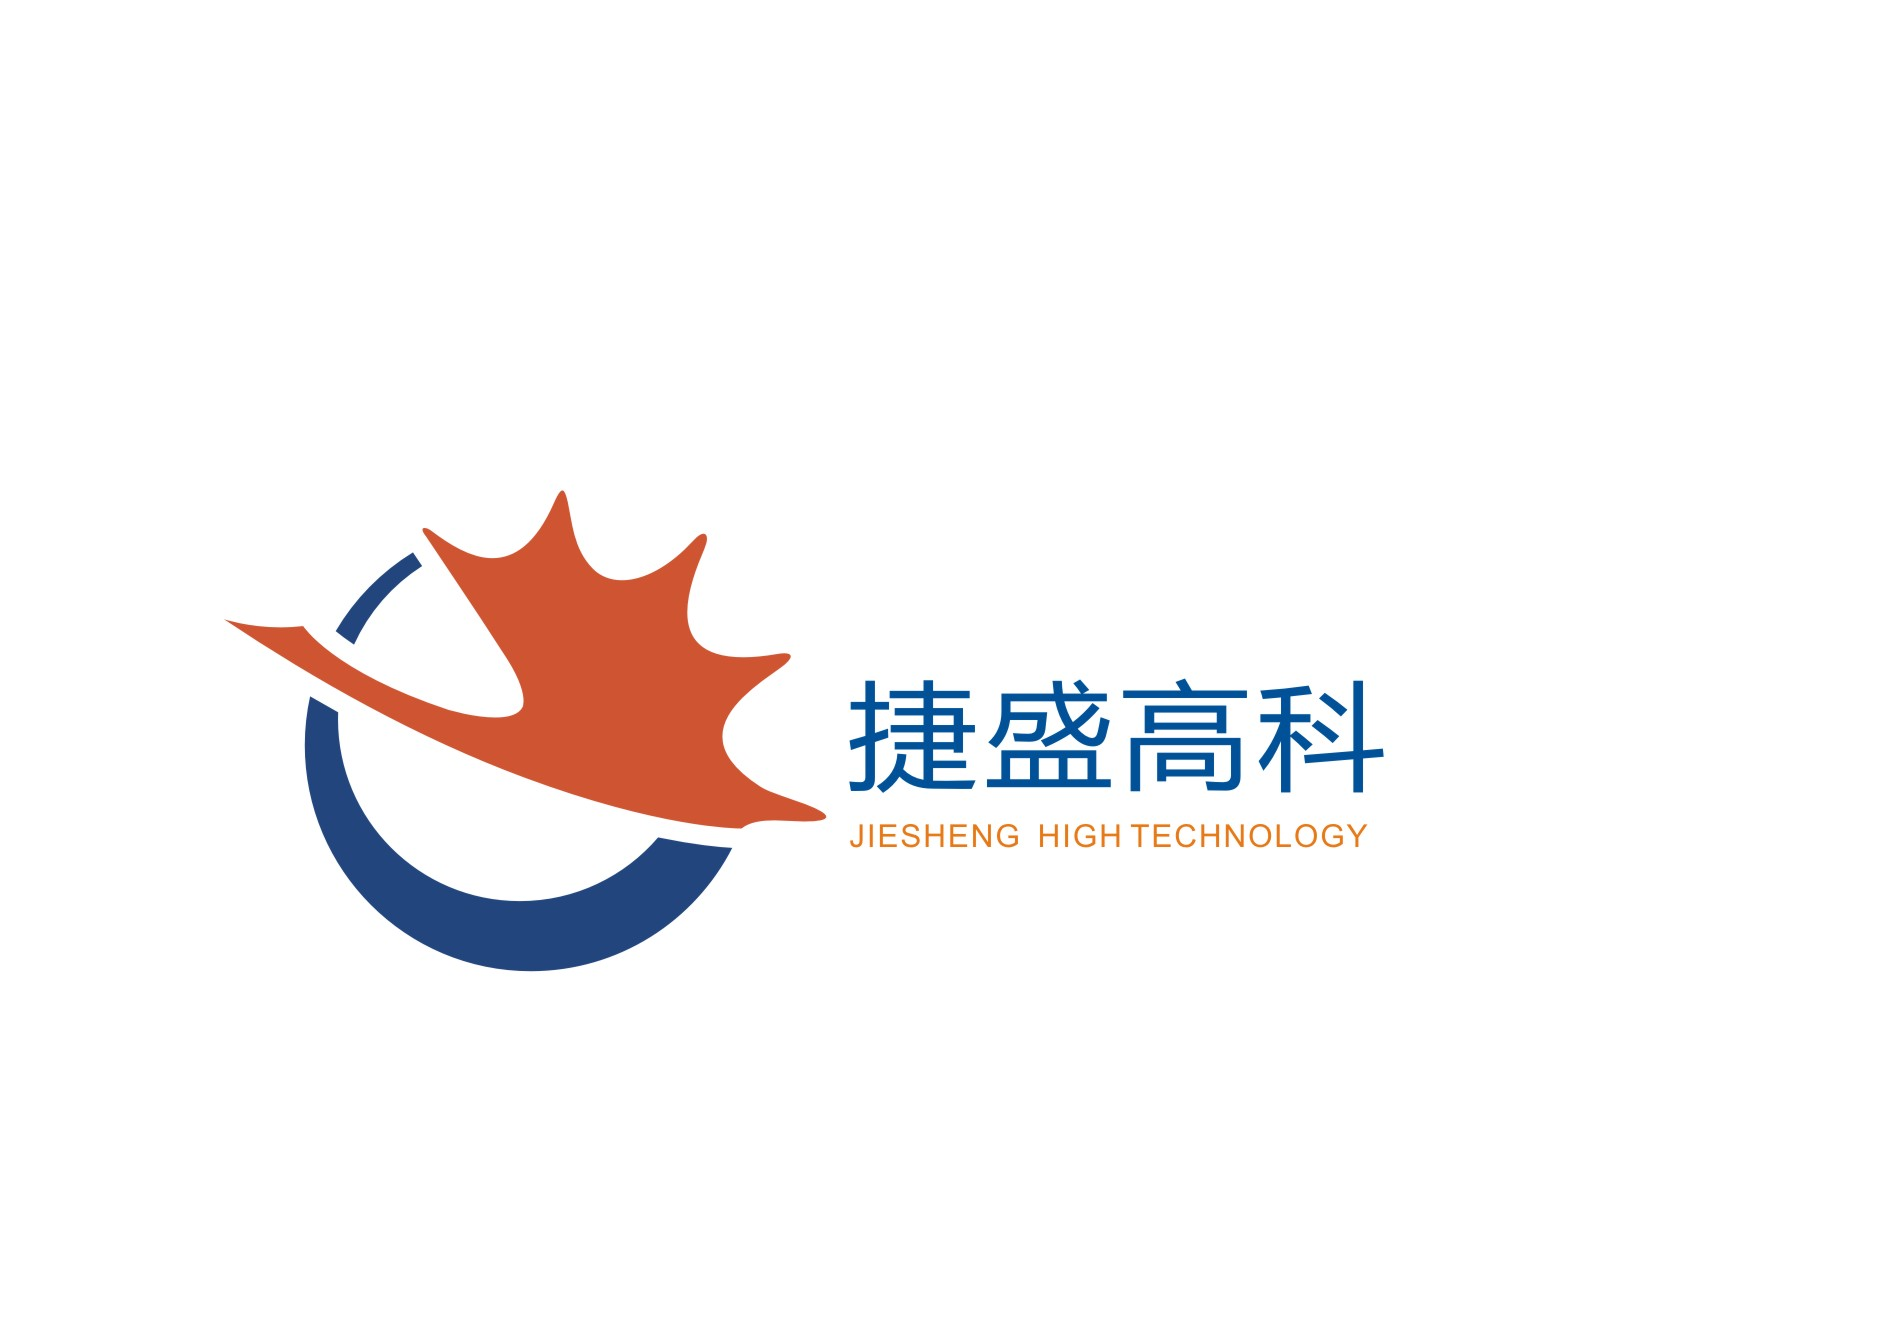 深圳市捷盛高科科技有限公司